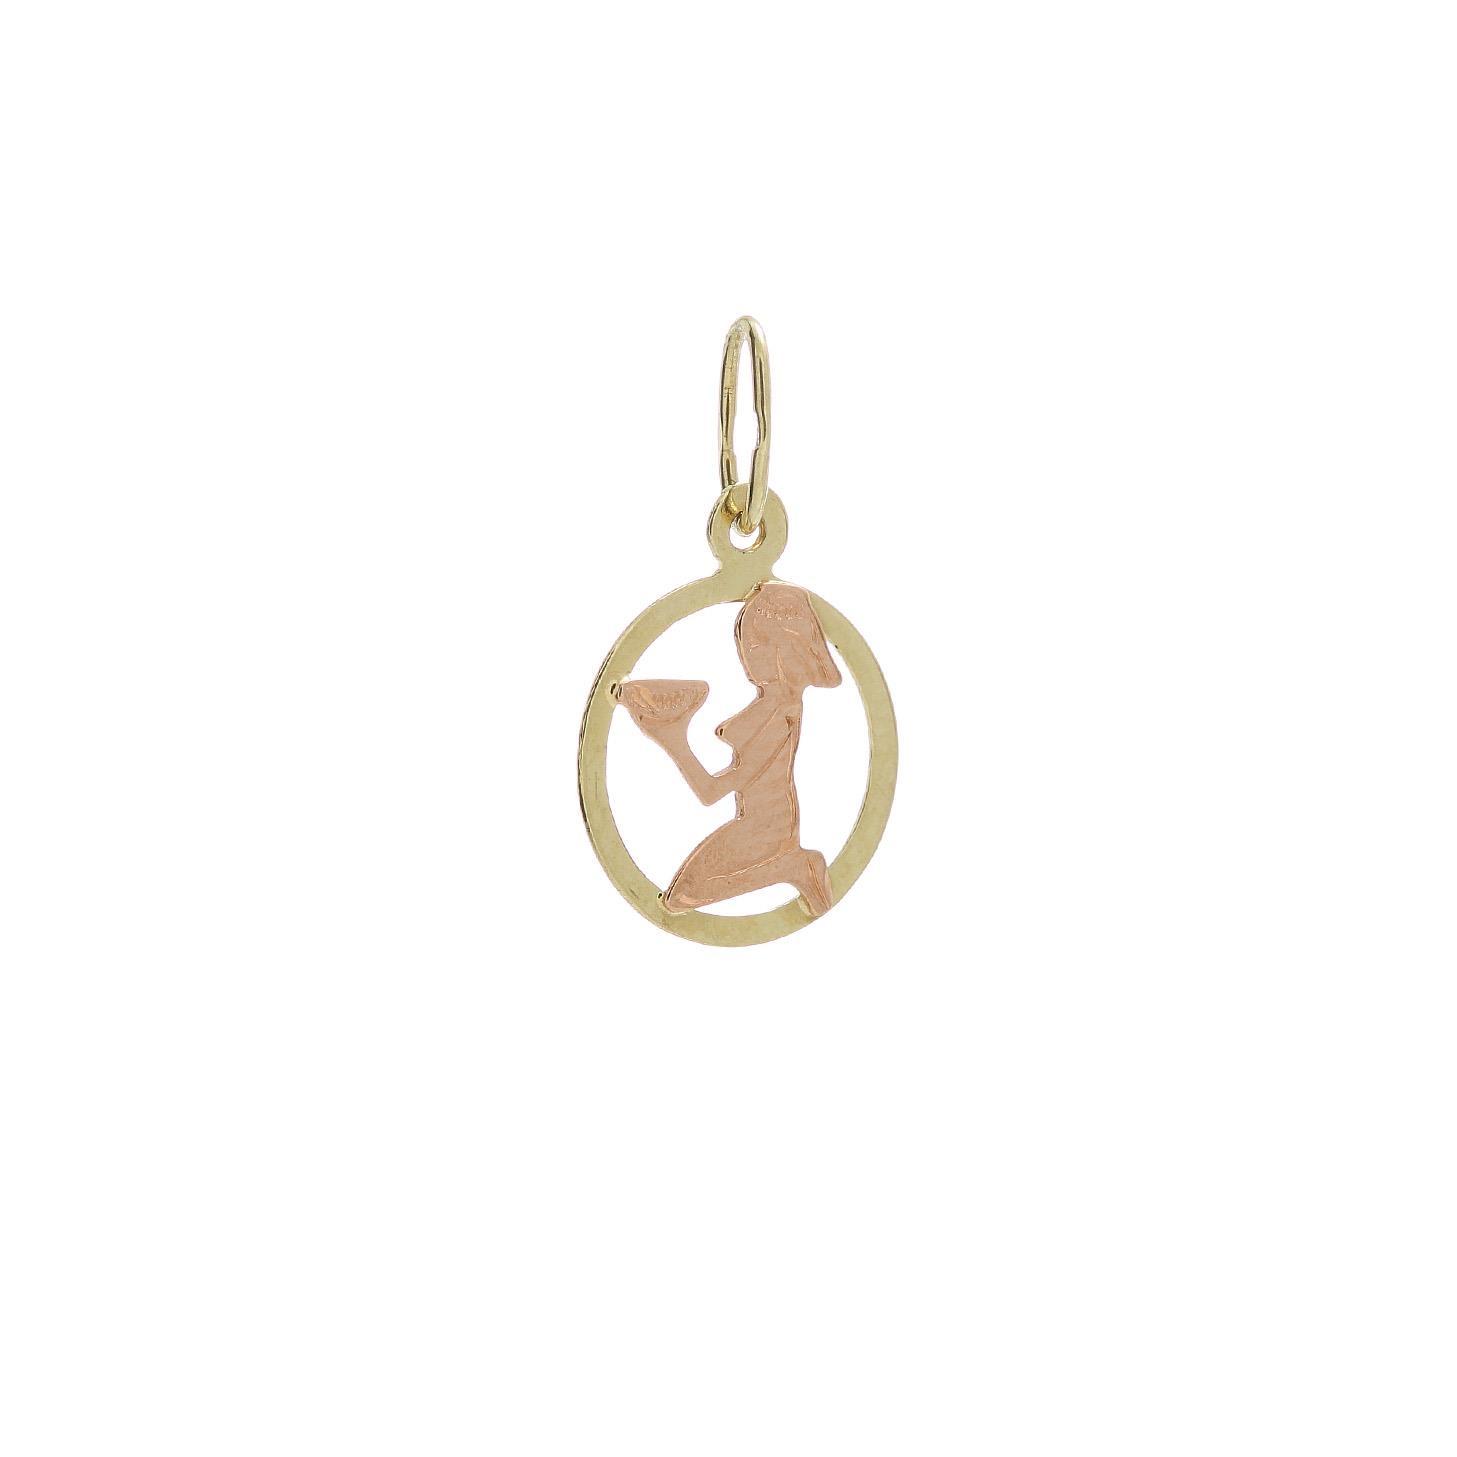 Zlatý prívesok znamenie panna 2VK00127